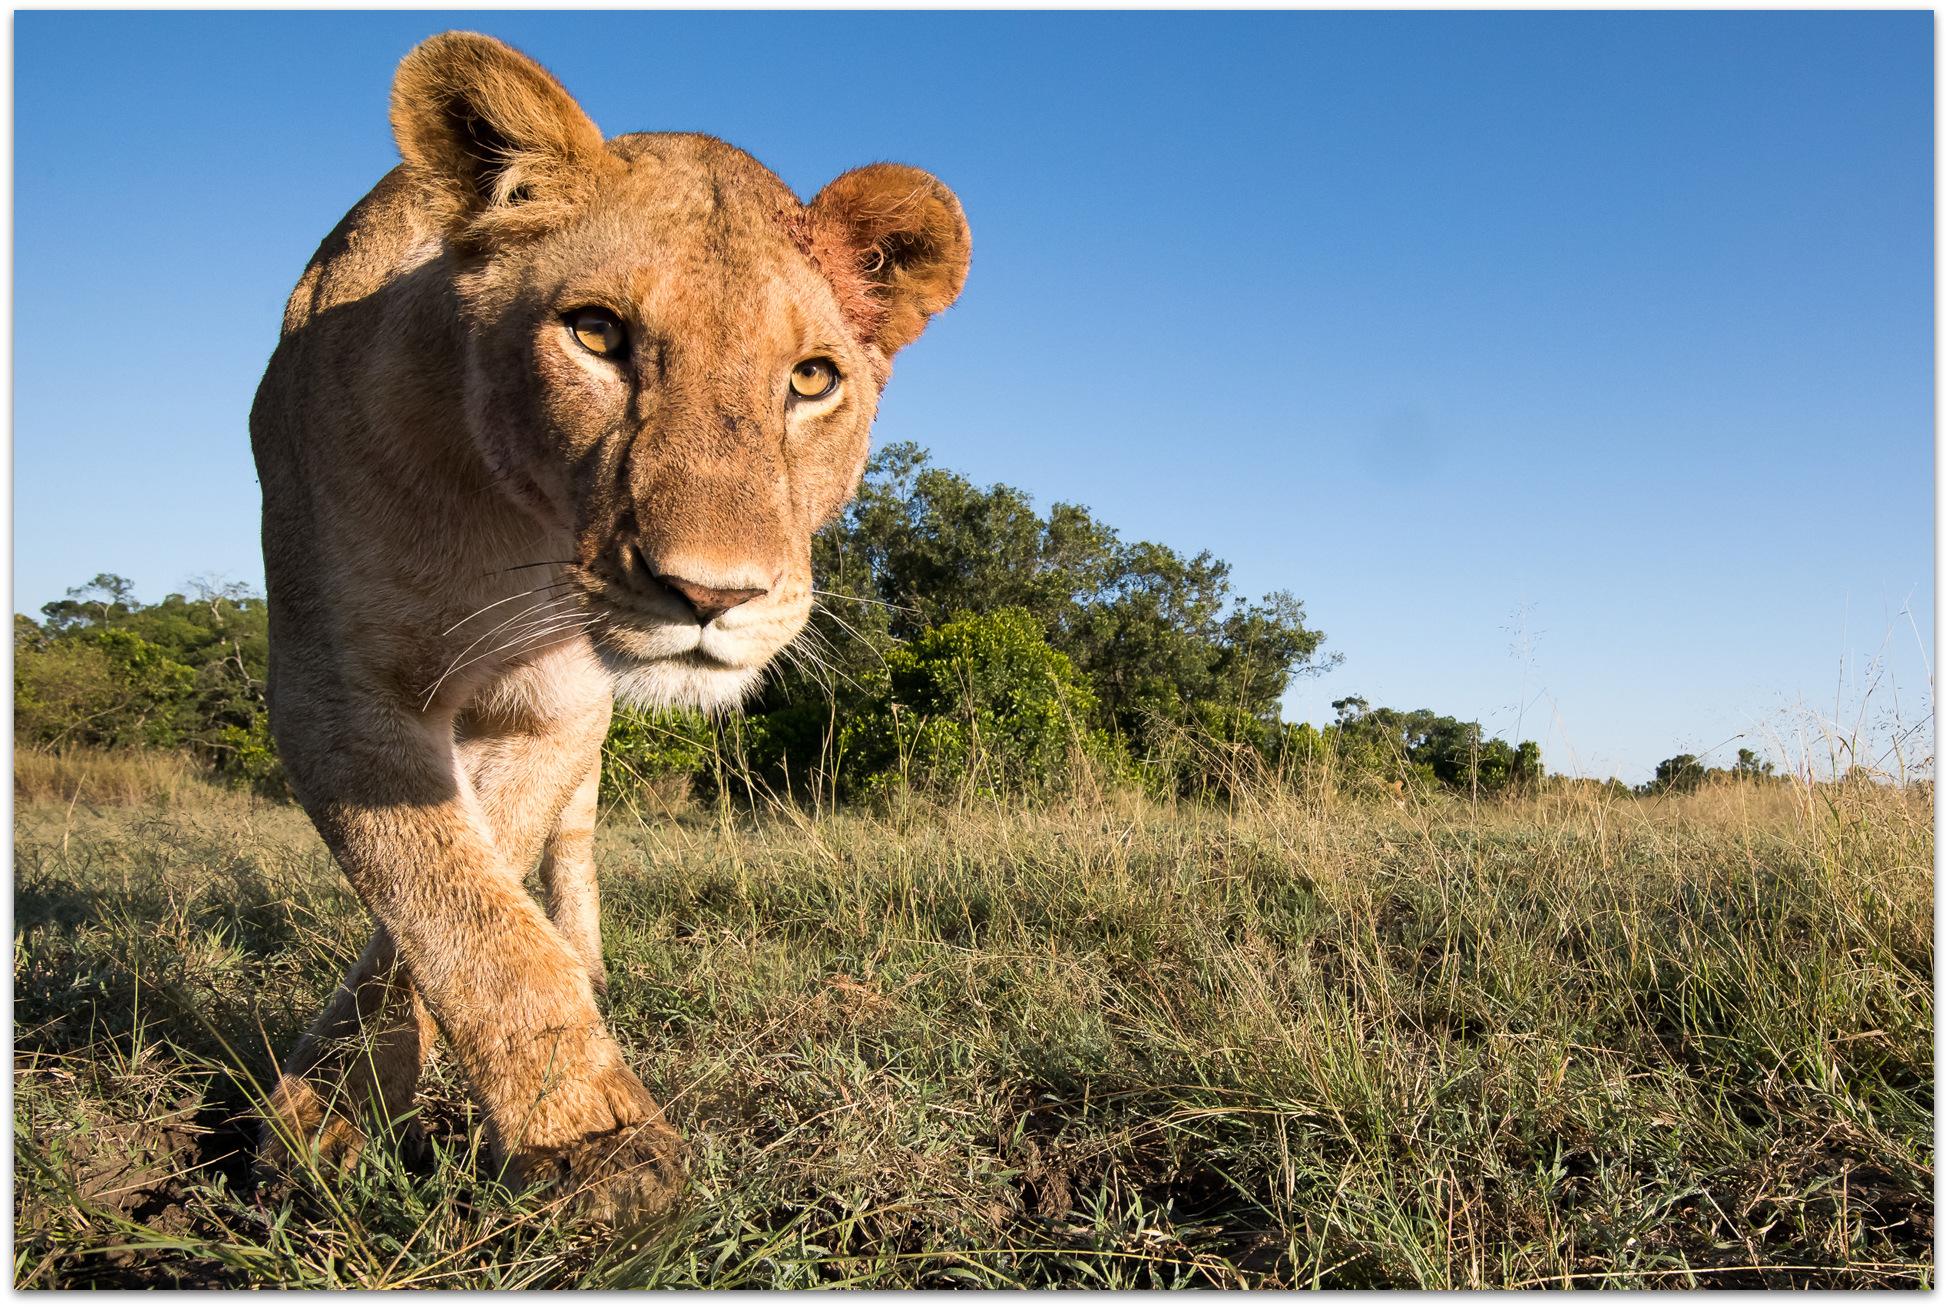 Lioness approaching camera in the Maasai Mara